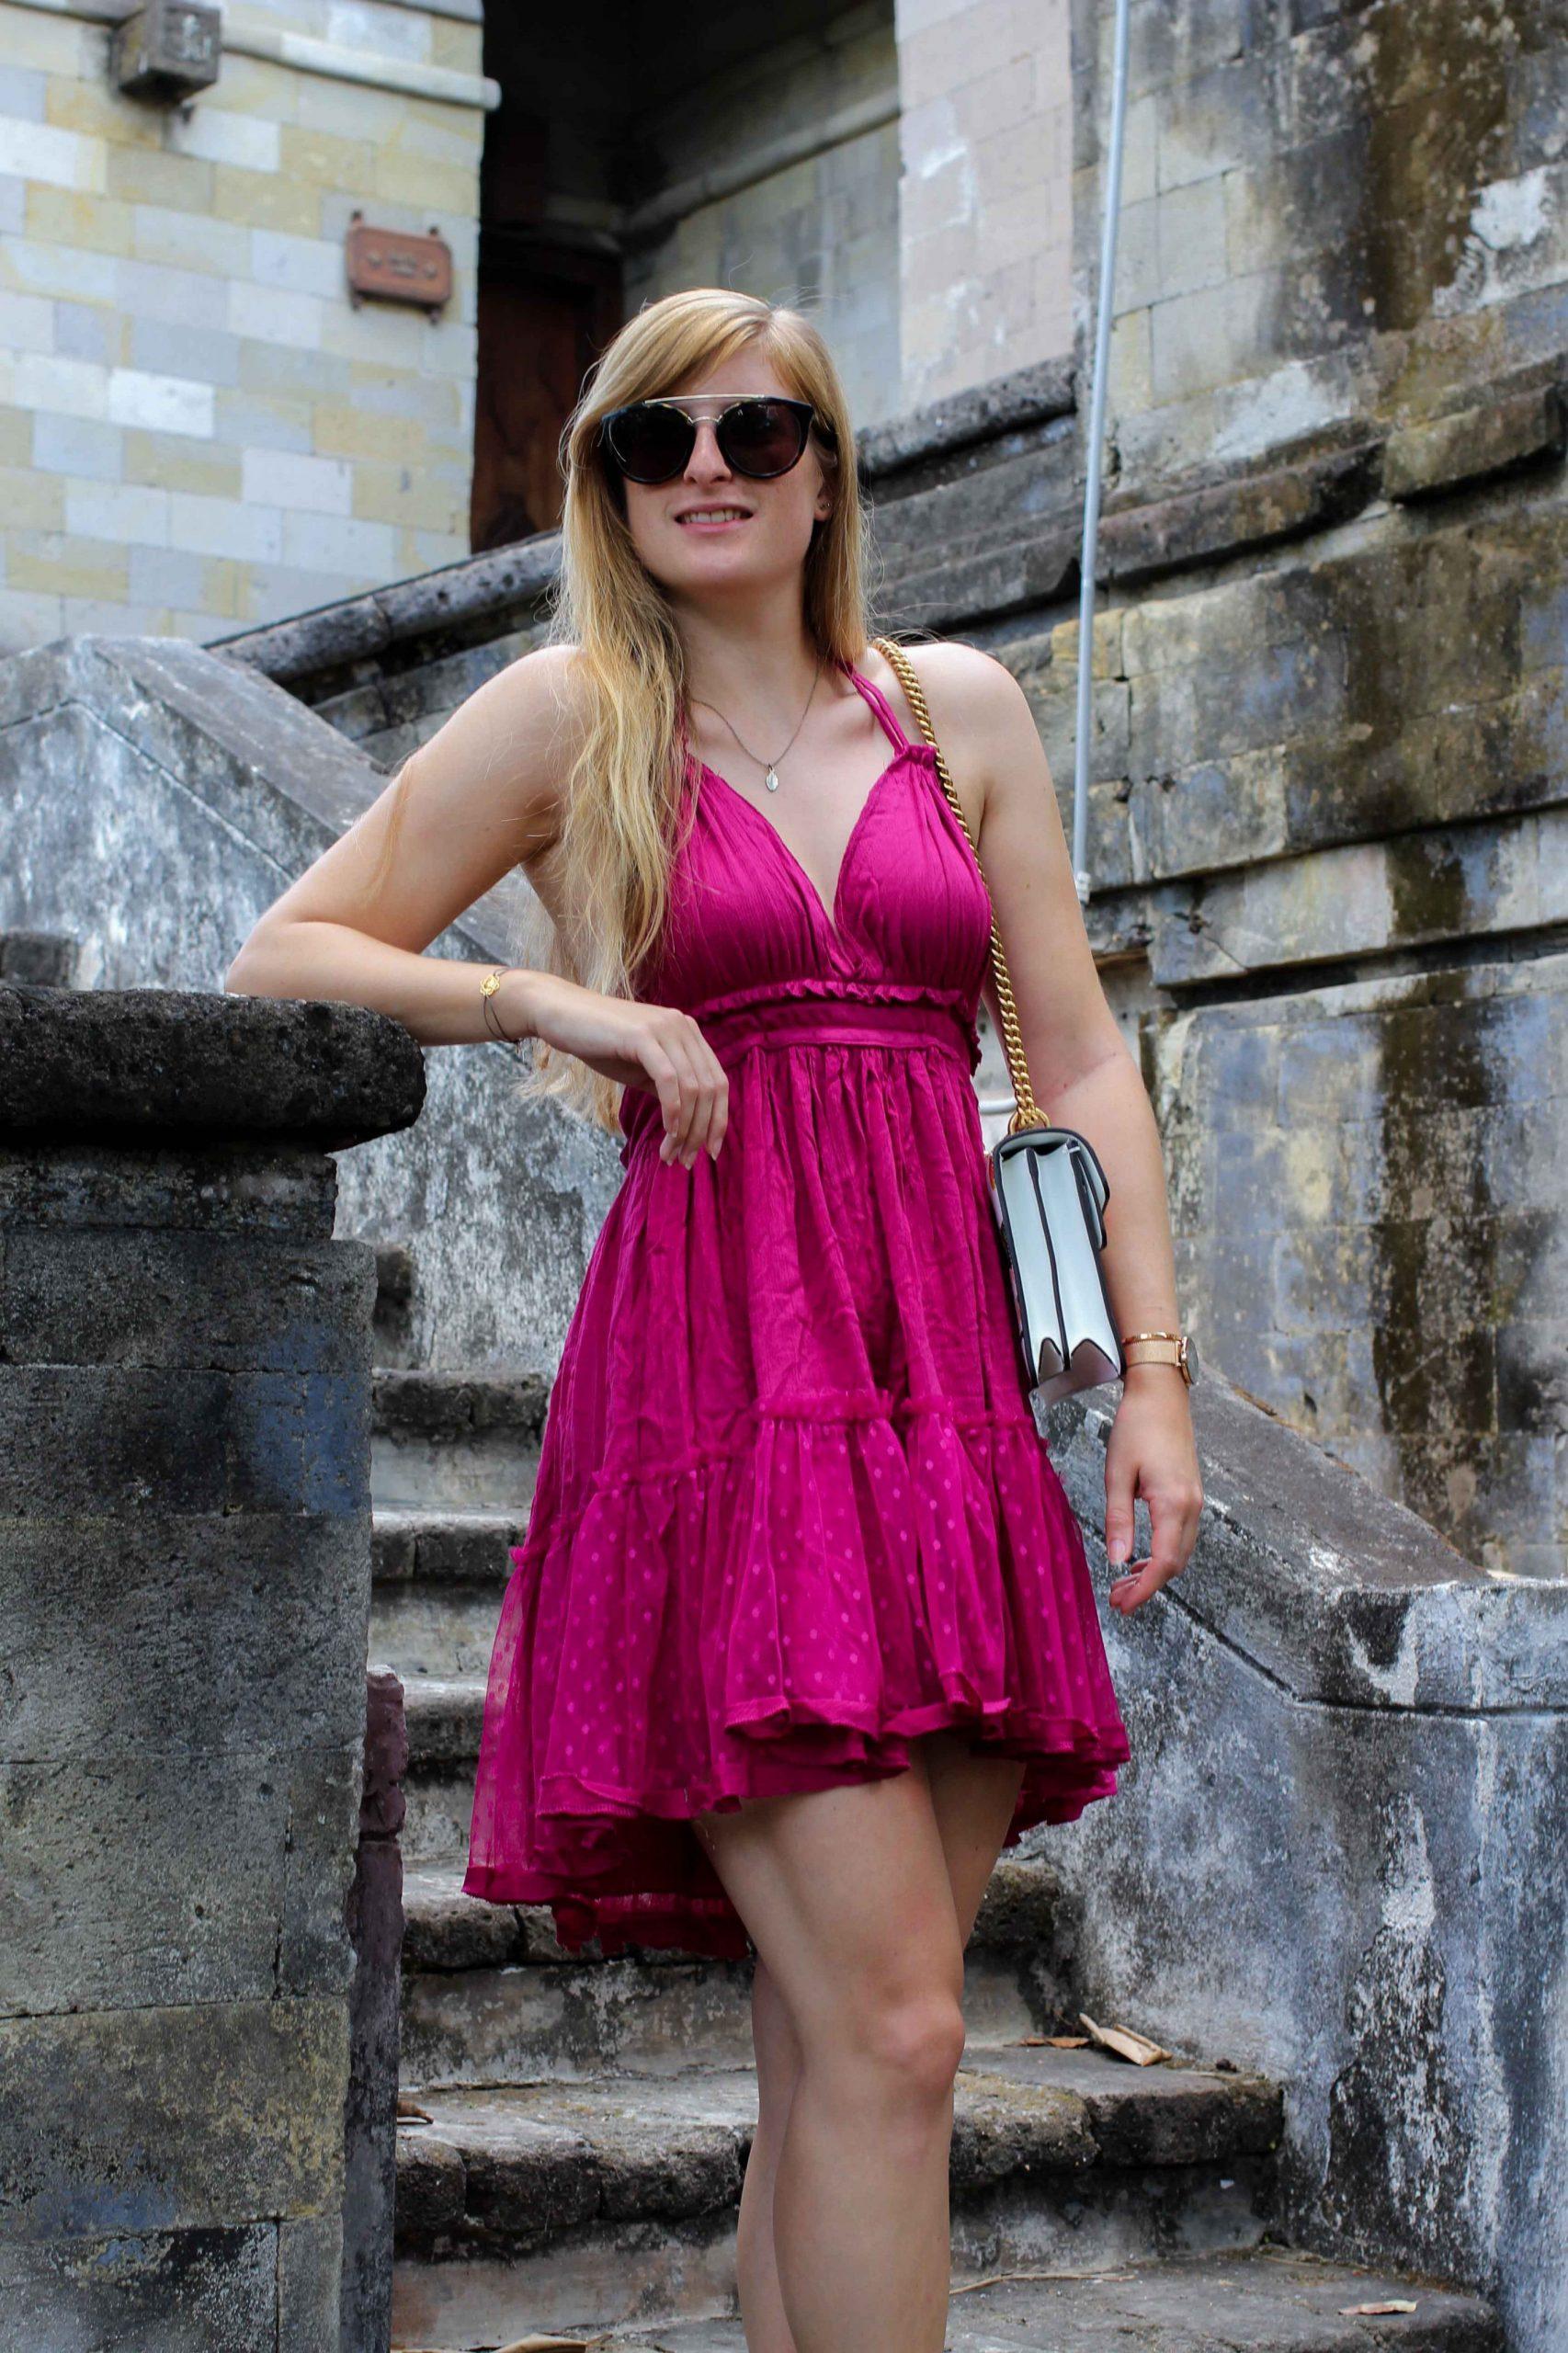 Pinkes Neckholder Kleid Kombinieren Sommeroutfit Bali